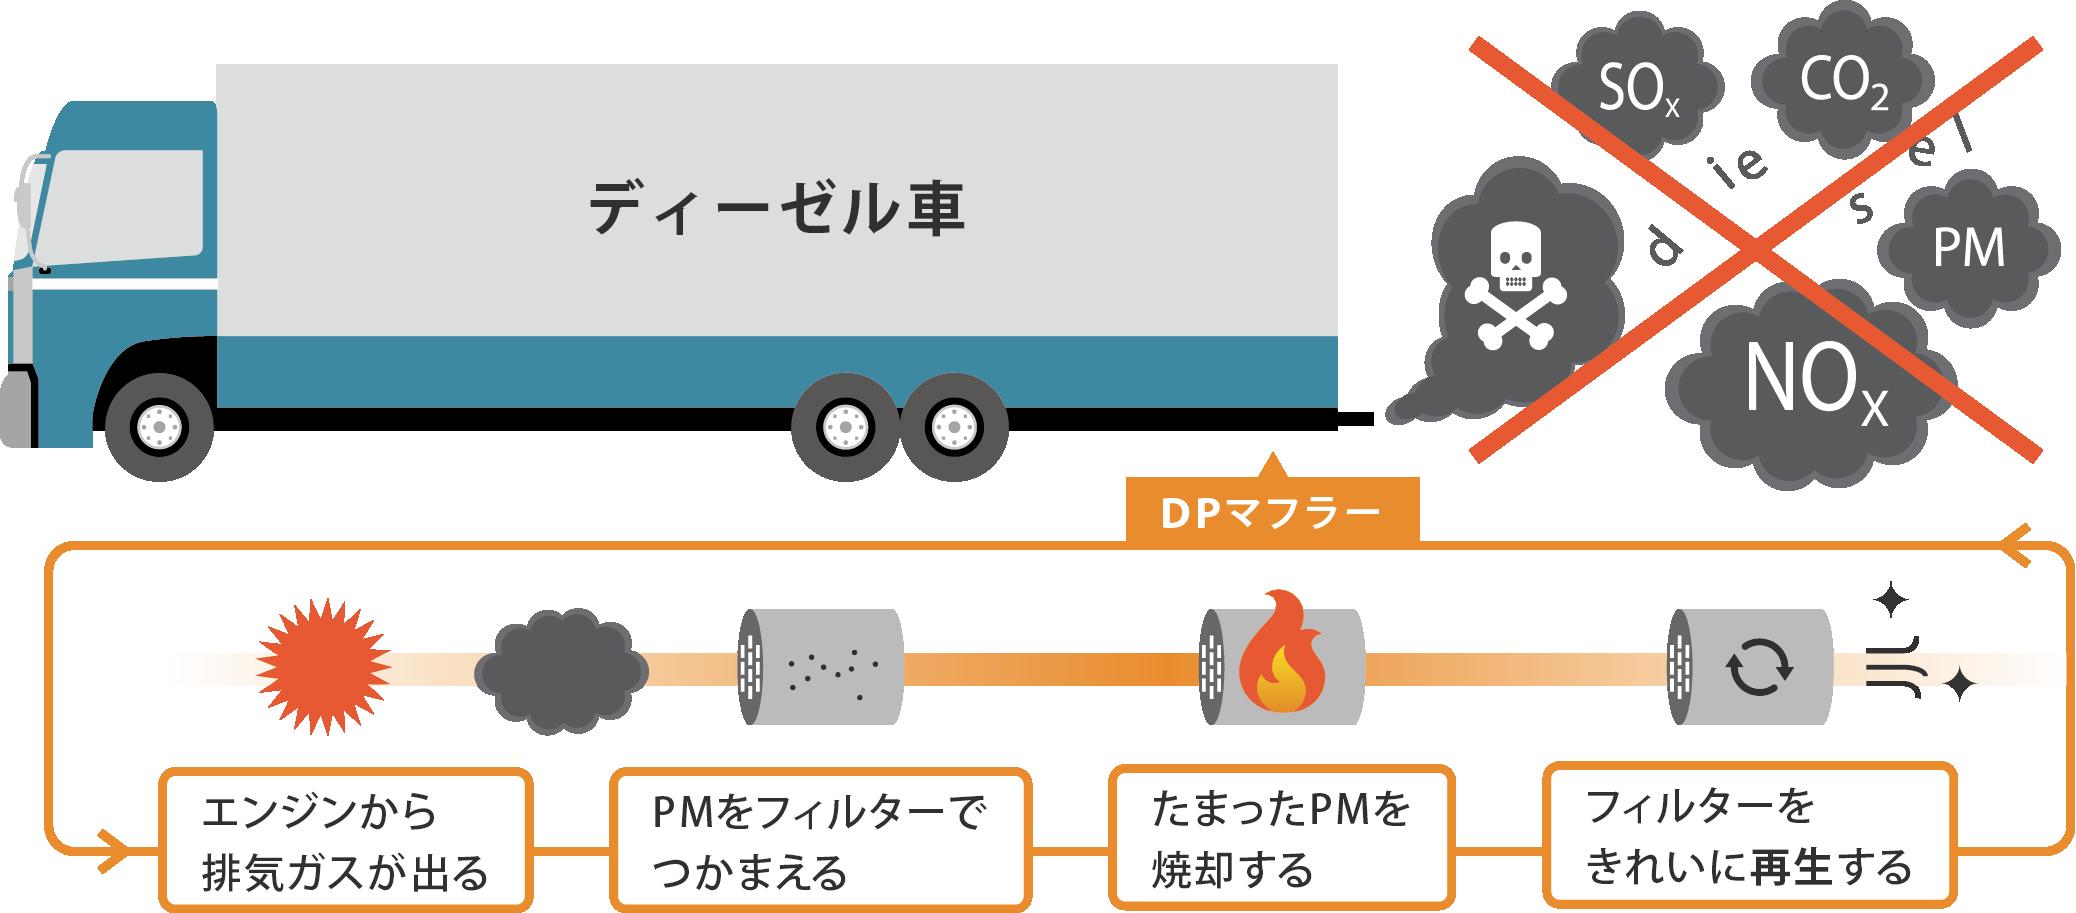 DPマフラー(自動燃焼装置)の仕組み